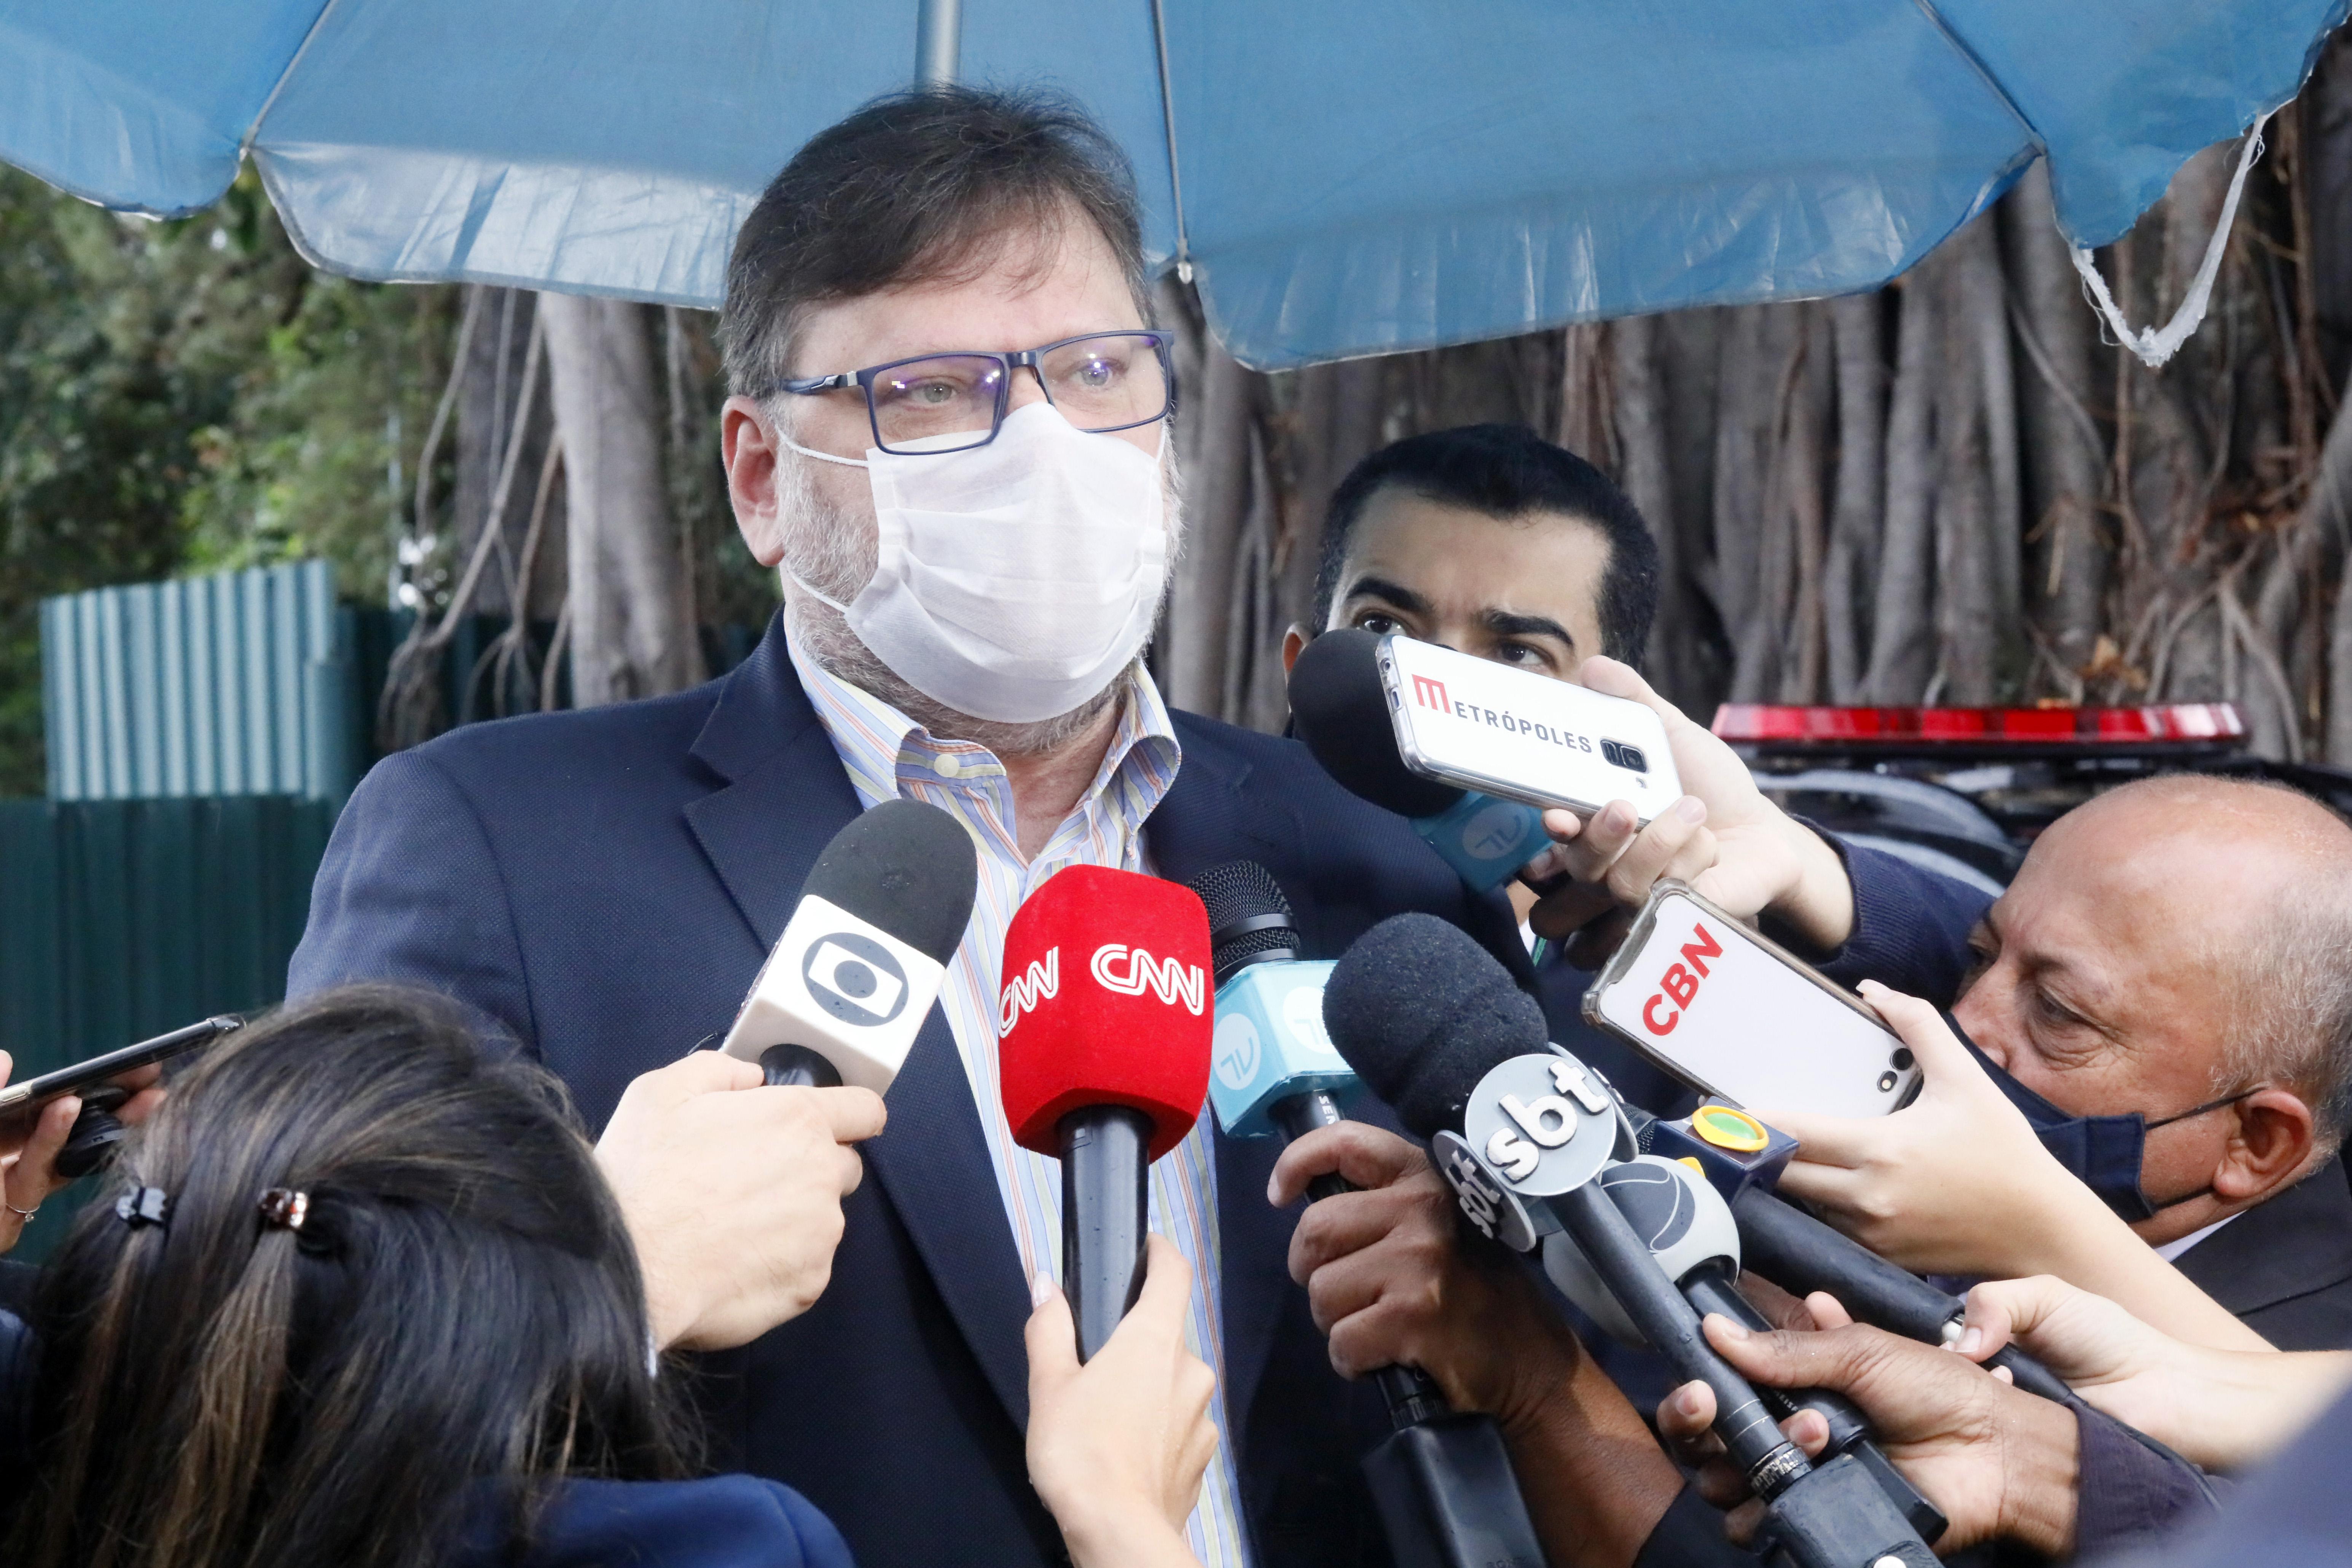 O Corregedor da Câmara dos Deputados, deputado Paulo Bengtson concede entrevista coletiva